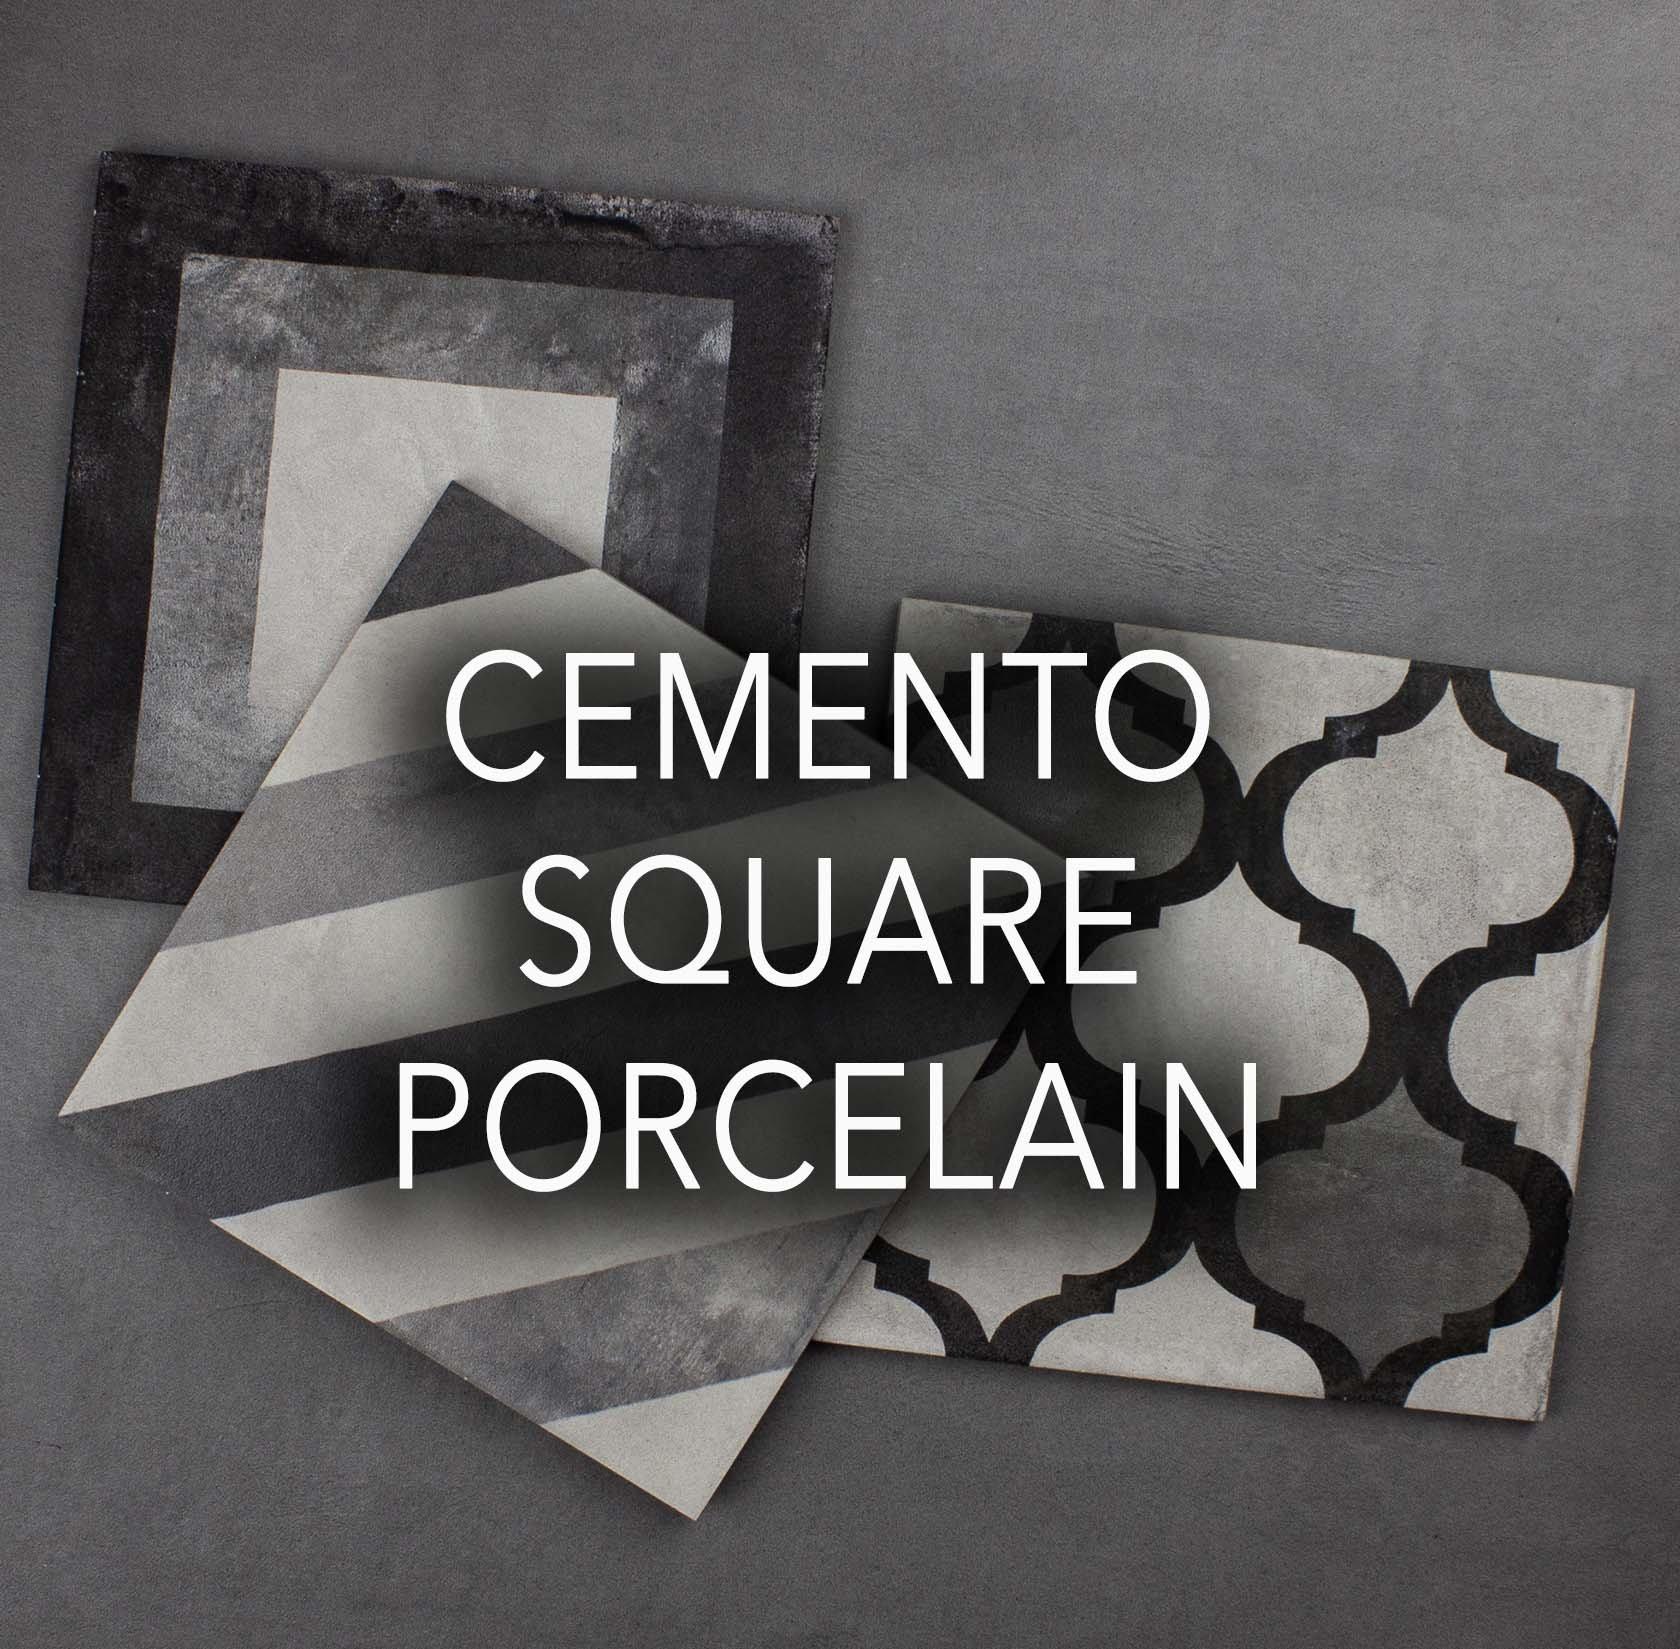 Cemento Square porcelain tiles